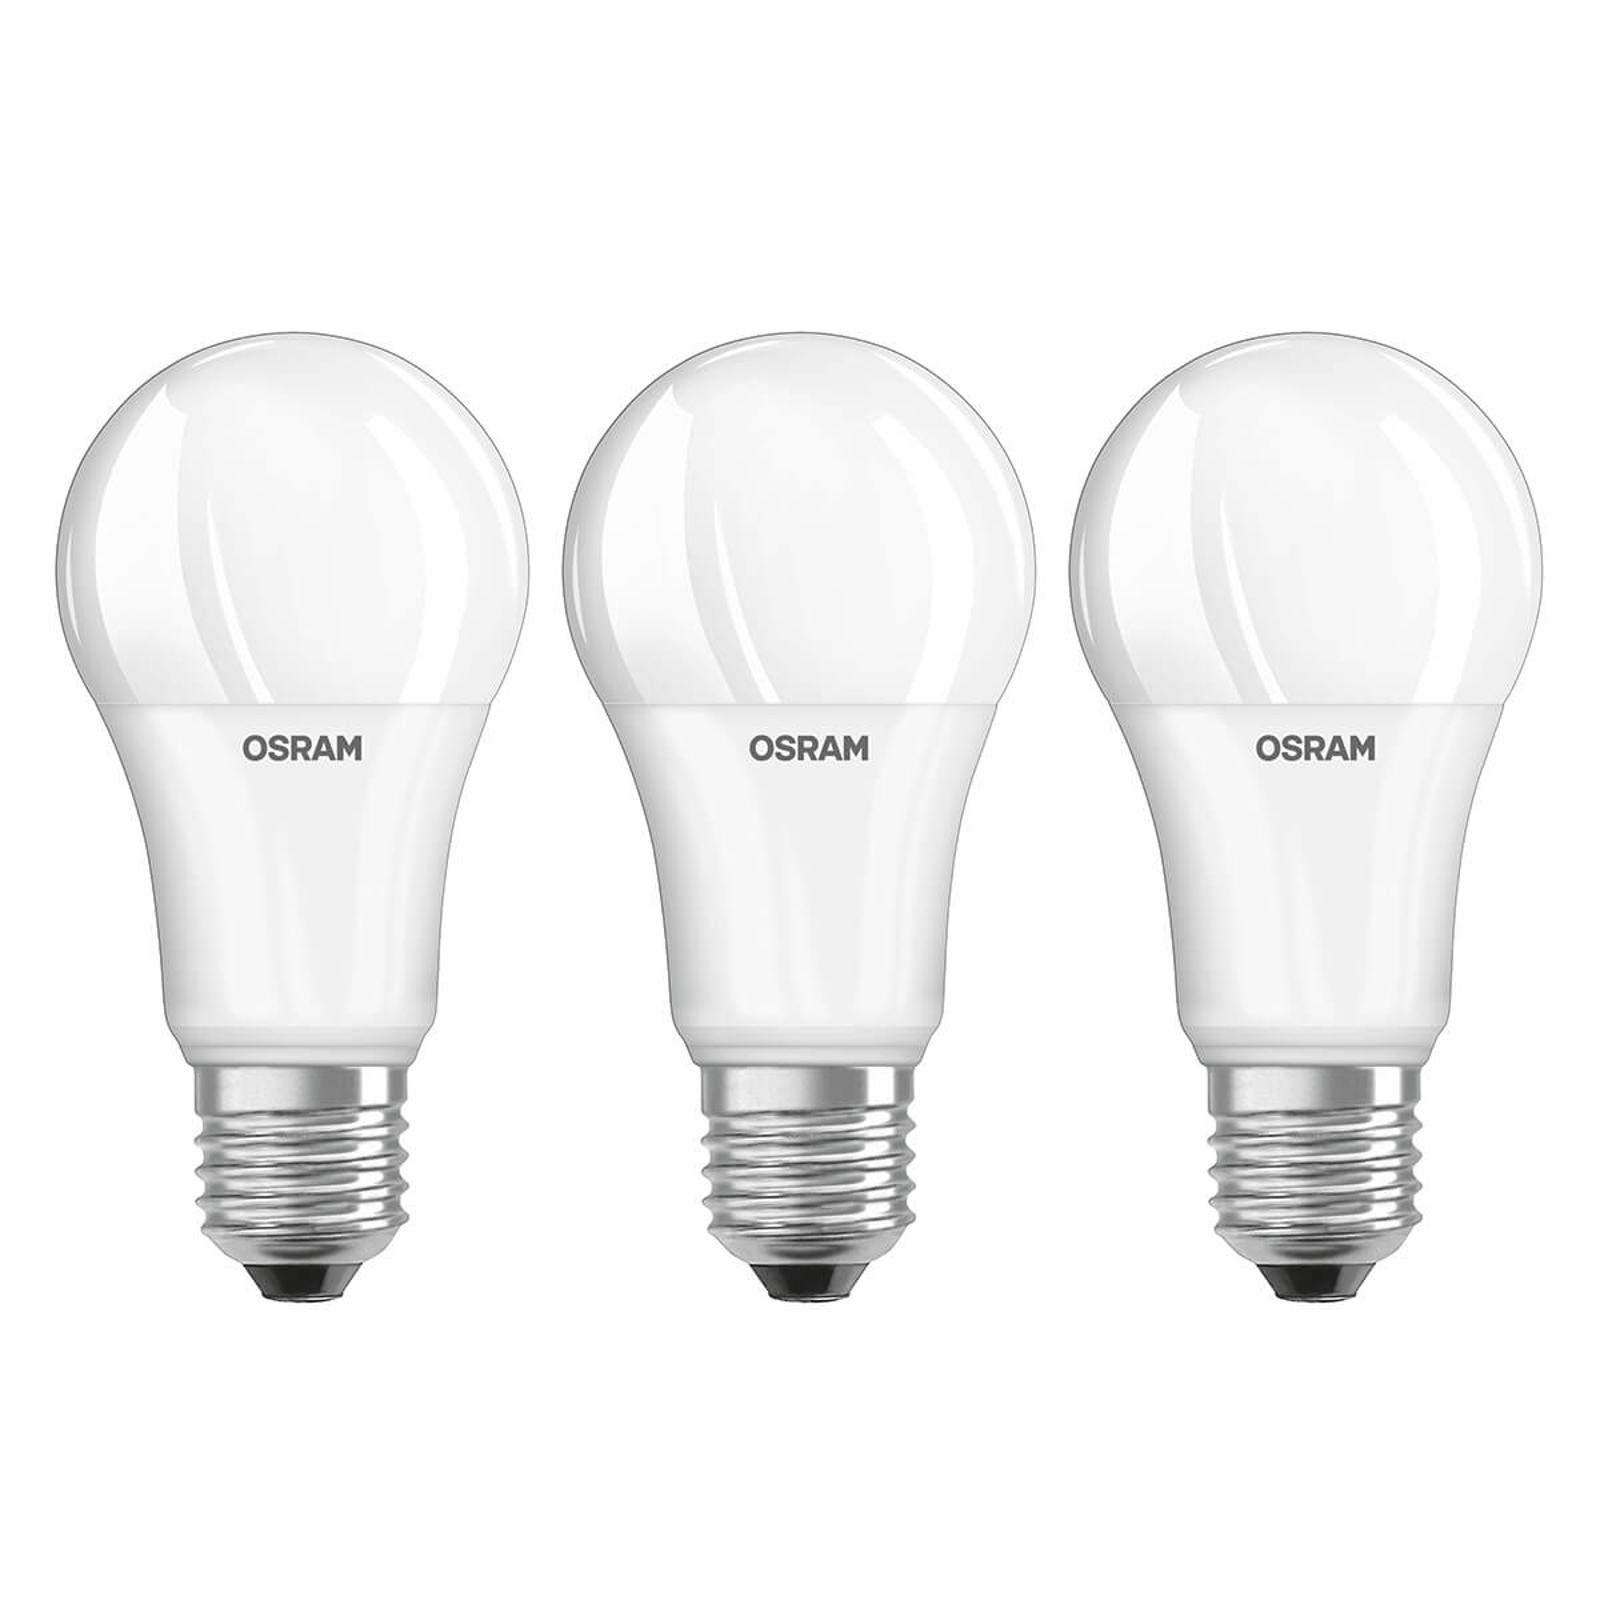 LED žárovka E27 13W, bílá, sada 3ks